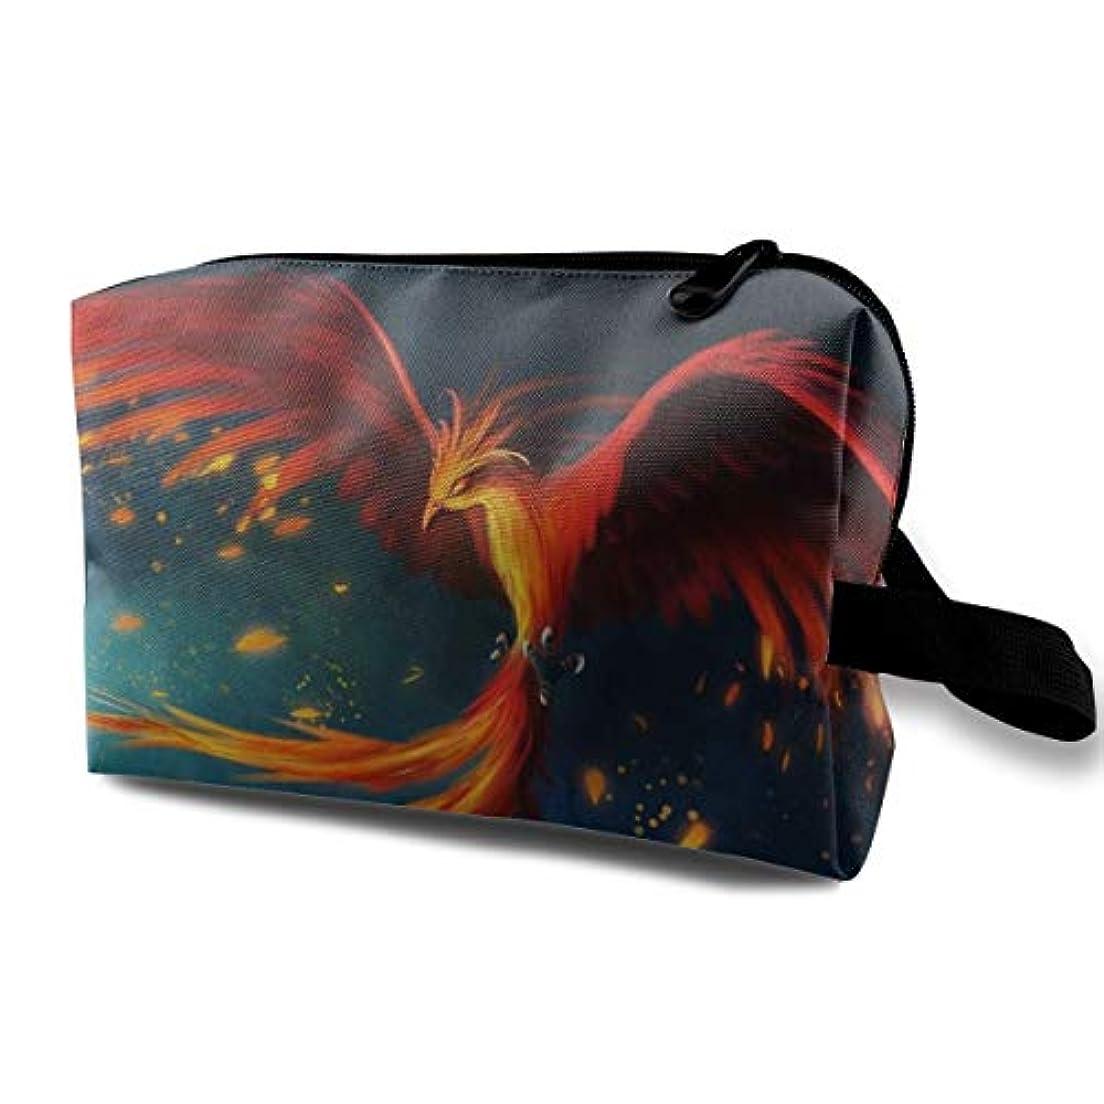 代名詞色合いめんどりAbstract Red Phoenix 収納ポーチ 化粧ポーチ 大容量 軽量 耐久性 ハンドル付持ち運び便利。入れ 自宅?出張?旅行?アウトドア撮影などに対応。メンズ レディース トラベルグッズ